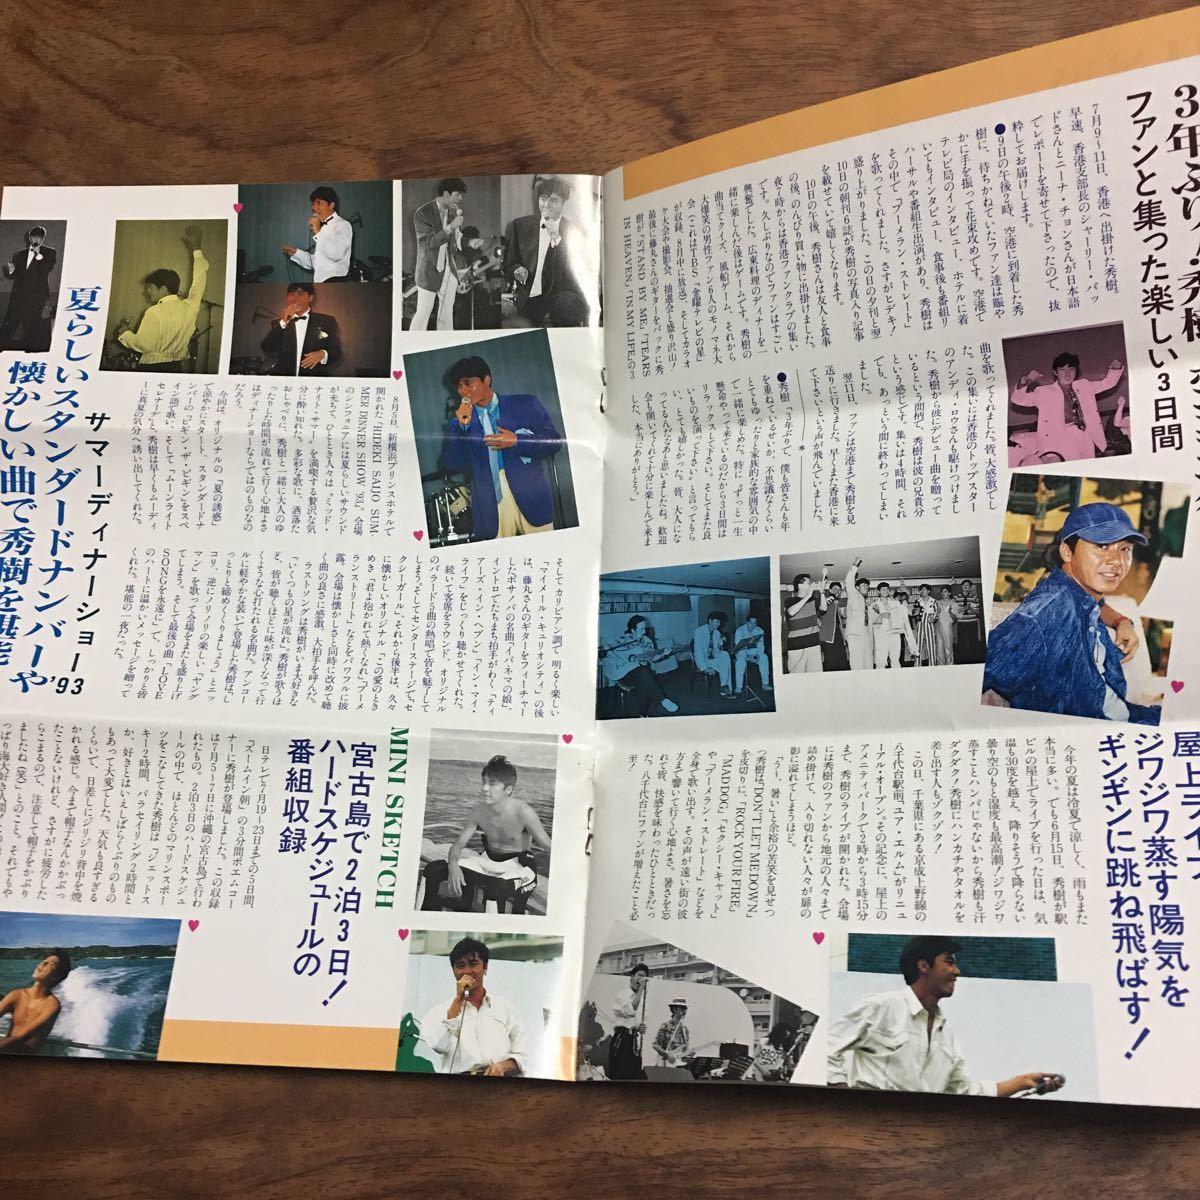 西城秀樹 ファンクラブ会報誌 DUET 1993 vol 31_画像3